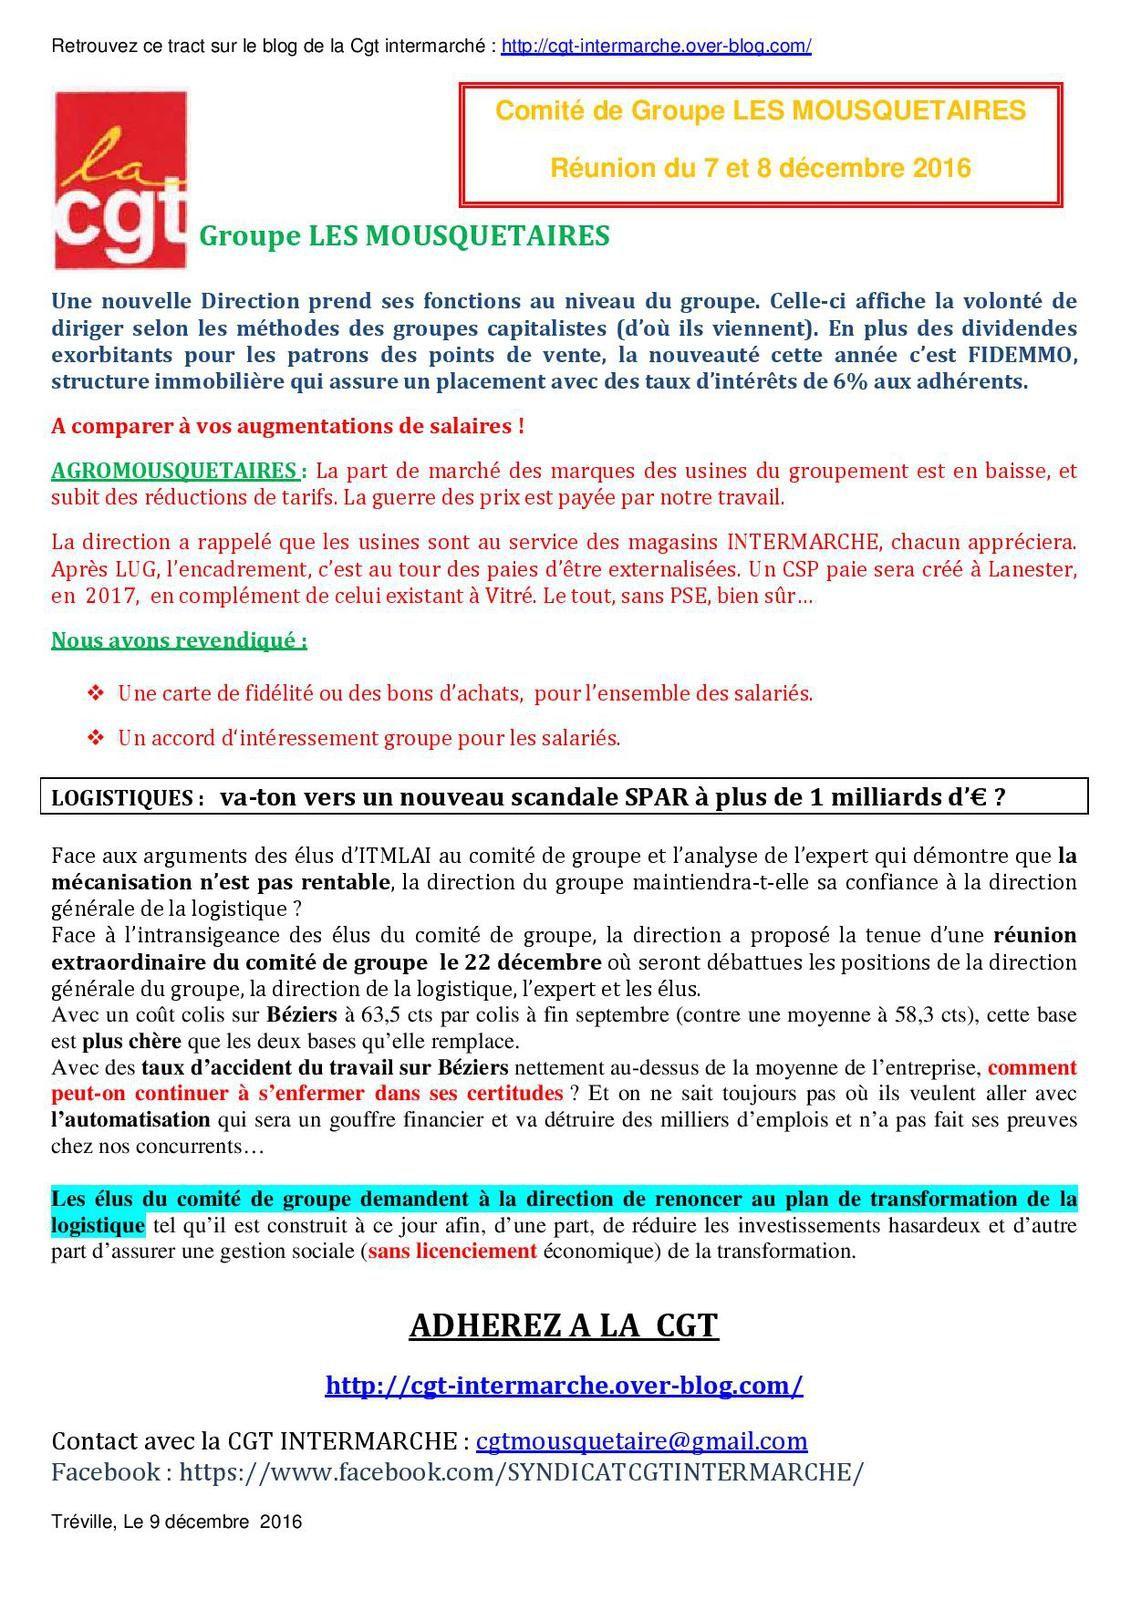 CGT, COMITE DE GROUPE, INTERMARCHE, LES MOUSQUETAIRES